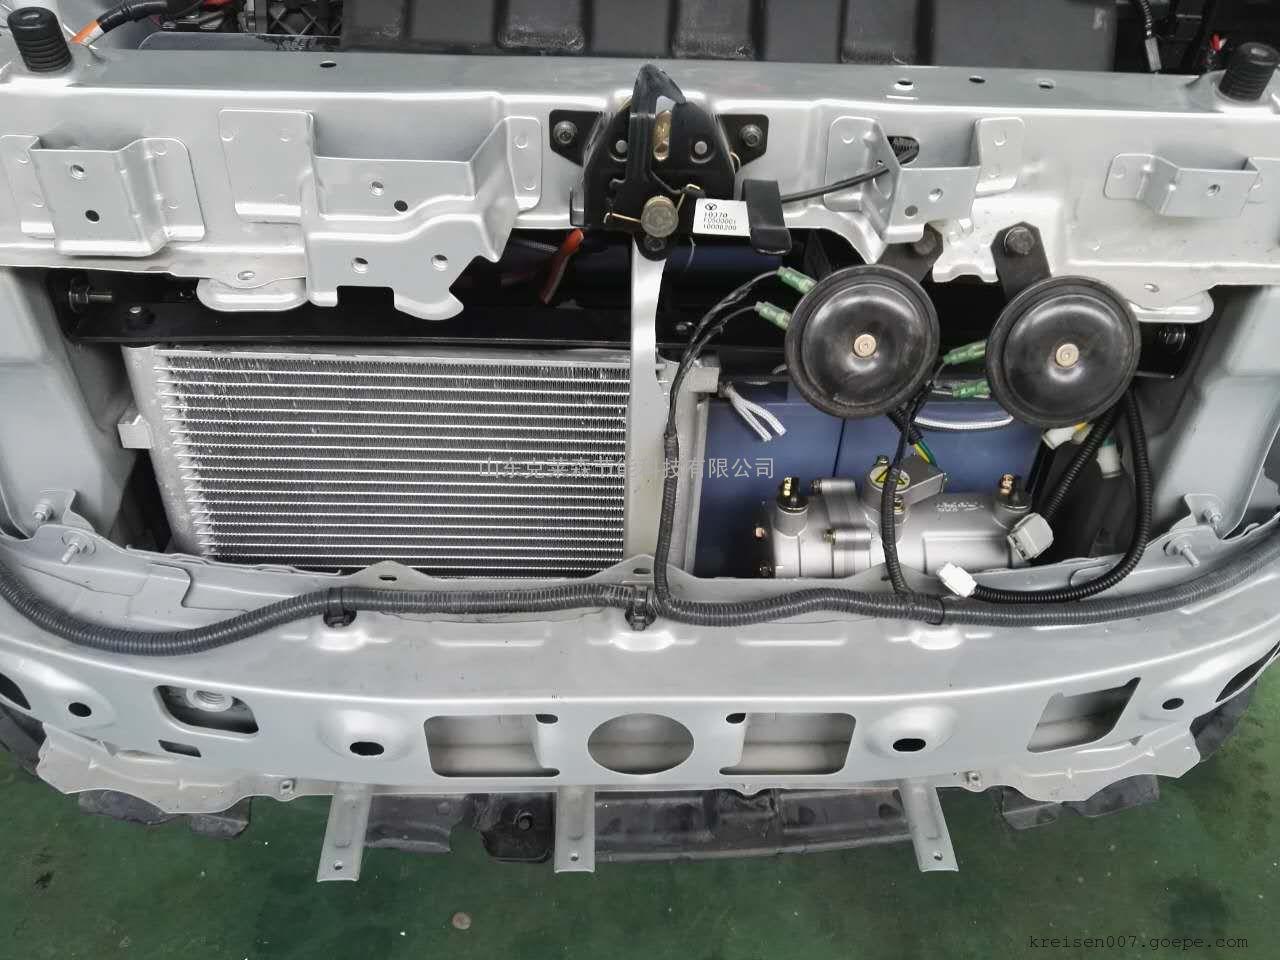 电动汽车空调系统 EV AIR CONDITIONING 1.电动压缩机:采用最先进电动涡旋技术,由电源直接驱动,震动小、噪音低、体积小、重量轻,容积效率高,制冷量可达2.0kw以上,功耗≤1kw,用较低的电功耗就可以实现较大的制冷量。 2. 控制器: 采用正弦波foc矢量控制技术,驱动效率高,散热性好,可靠性高。完善的保护机制,具有过流保护、高低压保护、高温温度保护、低温防冻结保护等多种保护功能。能够提供超强的扭矩和严格的电池电流限制,既能工作在相对较小的电池电流工况下,能提供平顺的转速能力。正弦